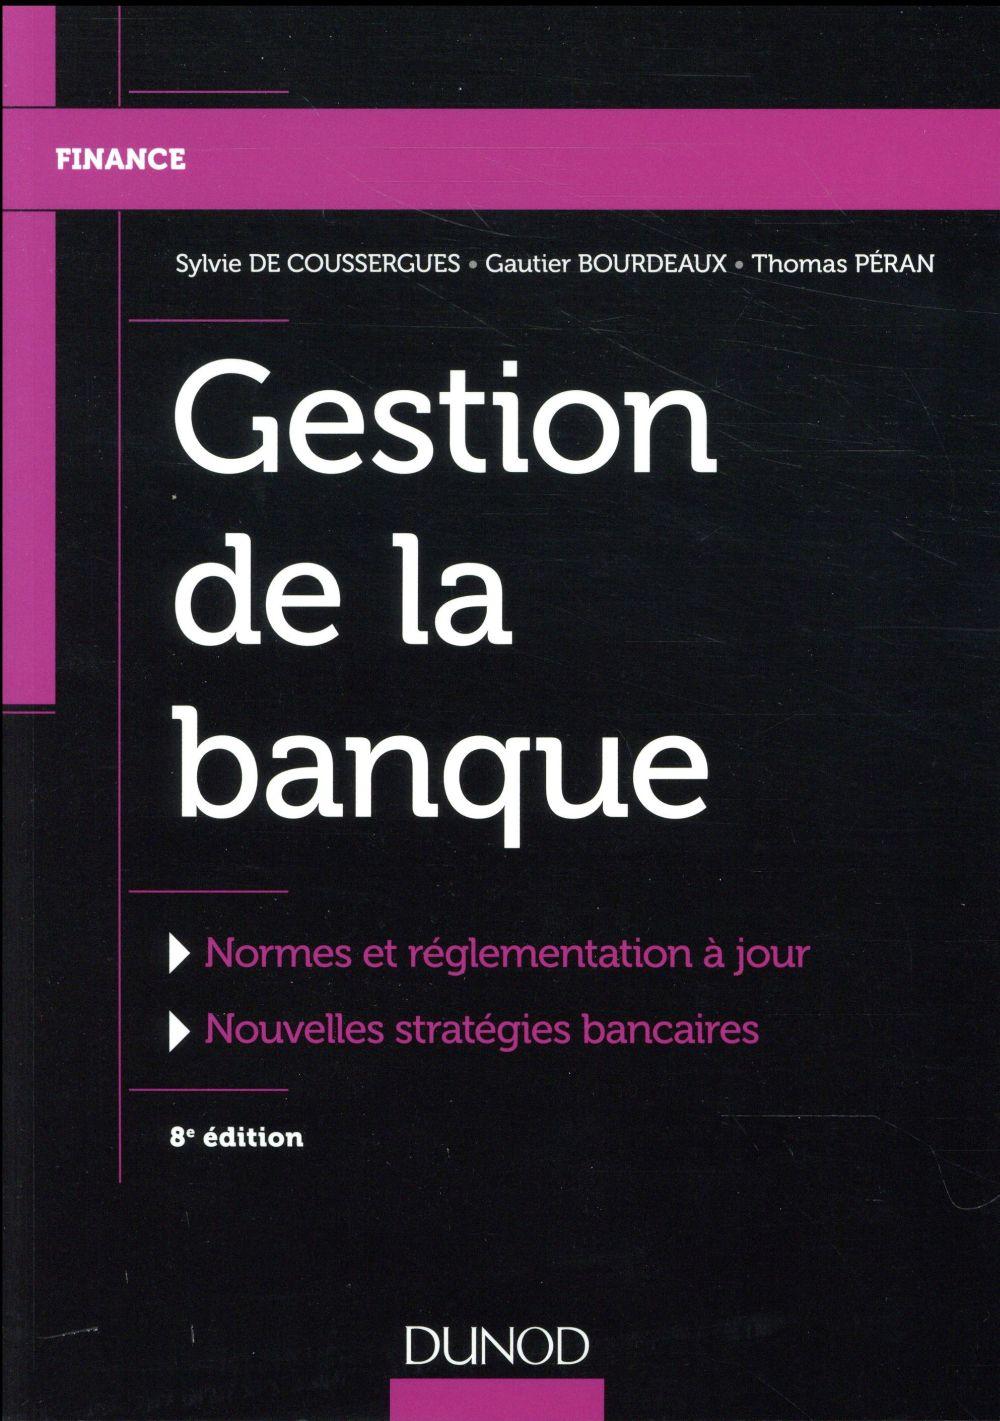 gestion de la banque ; du diagnostic à la stratégie (8e édition)